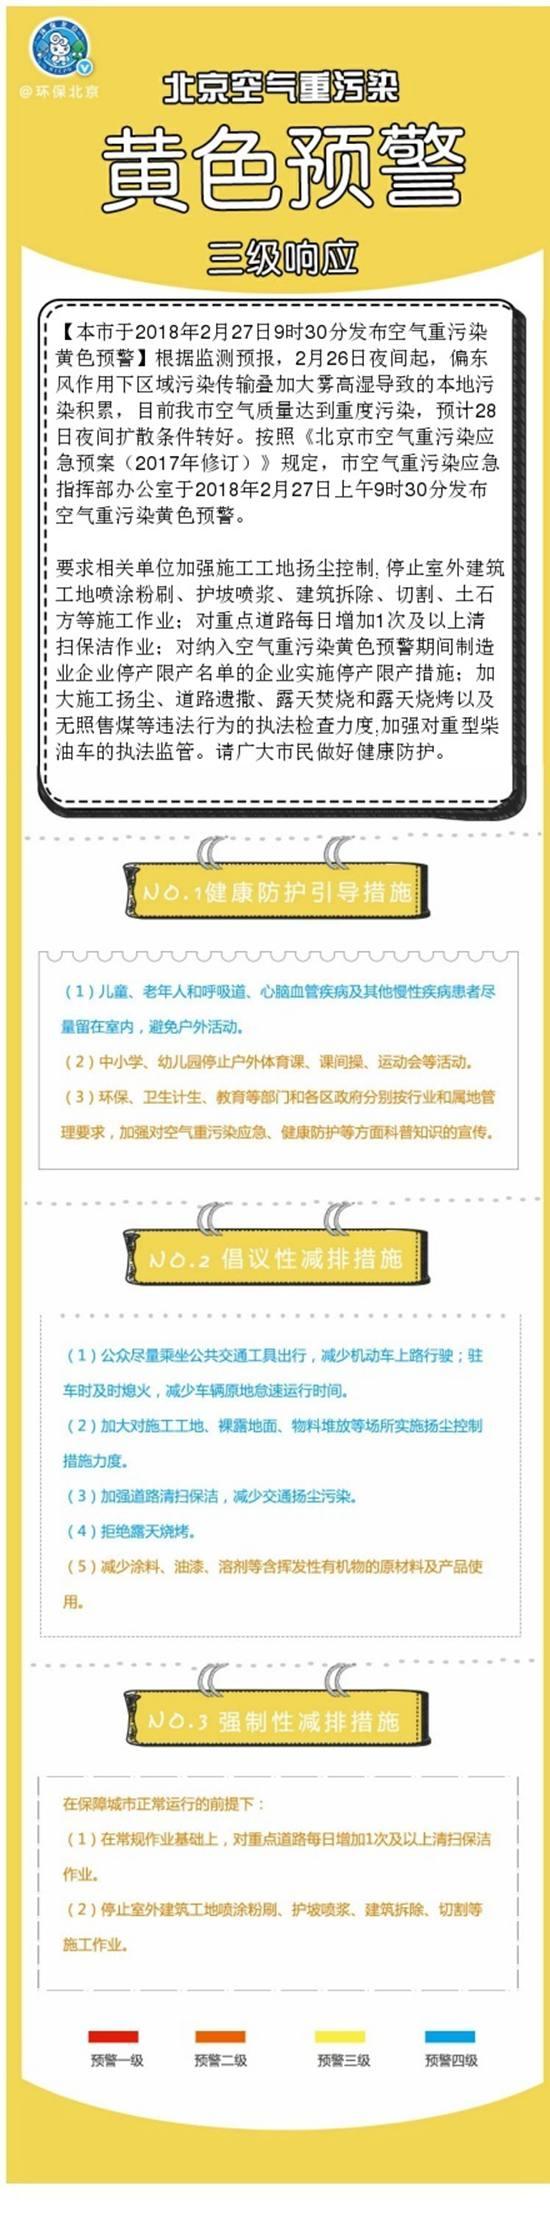 北京发布空气重污染黄色预警请做好防护